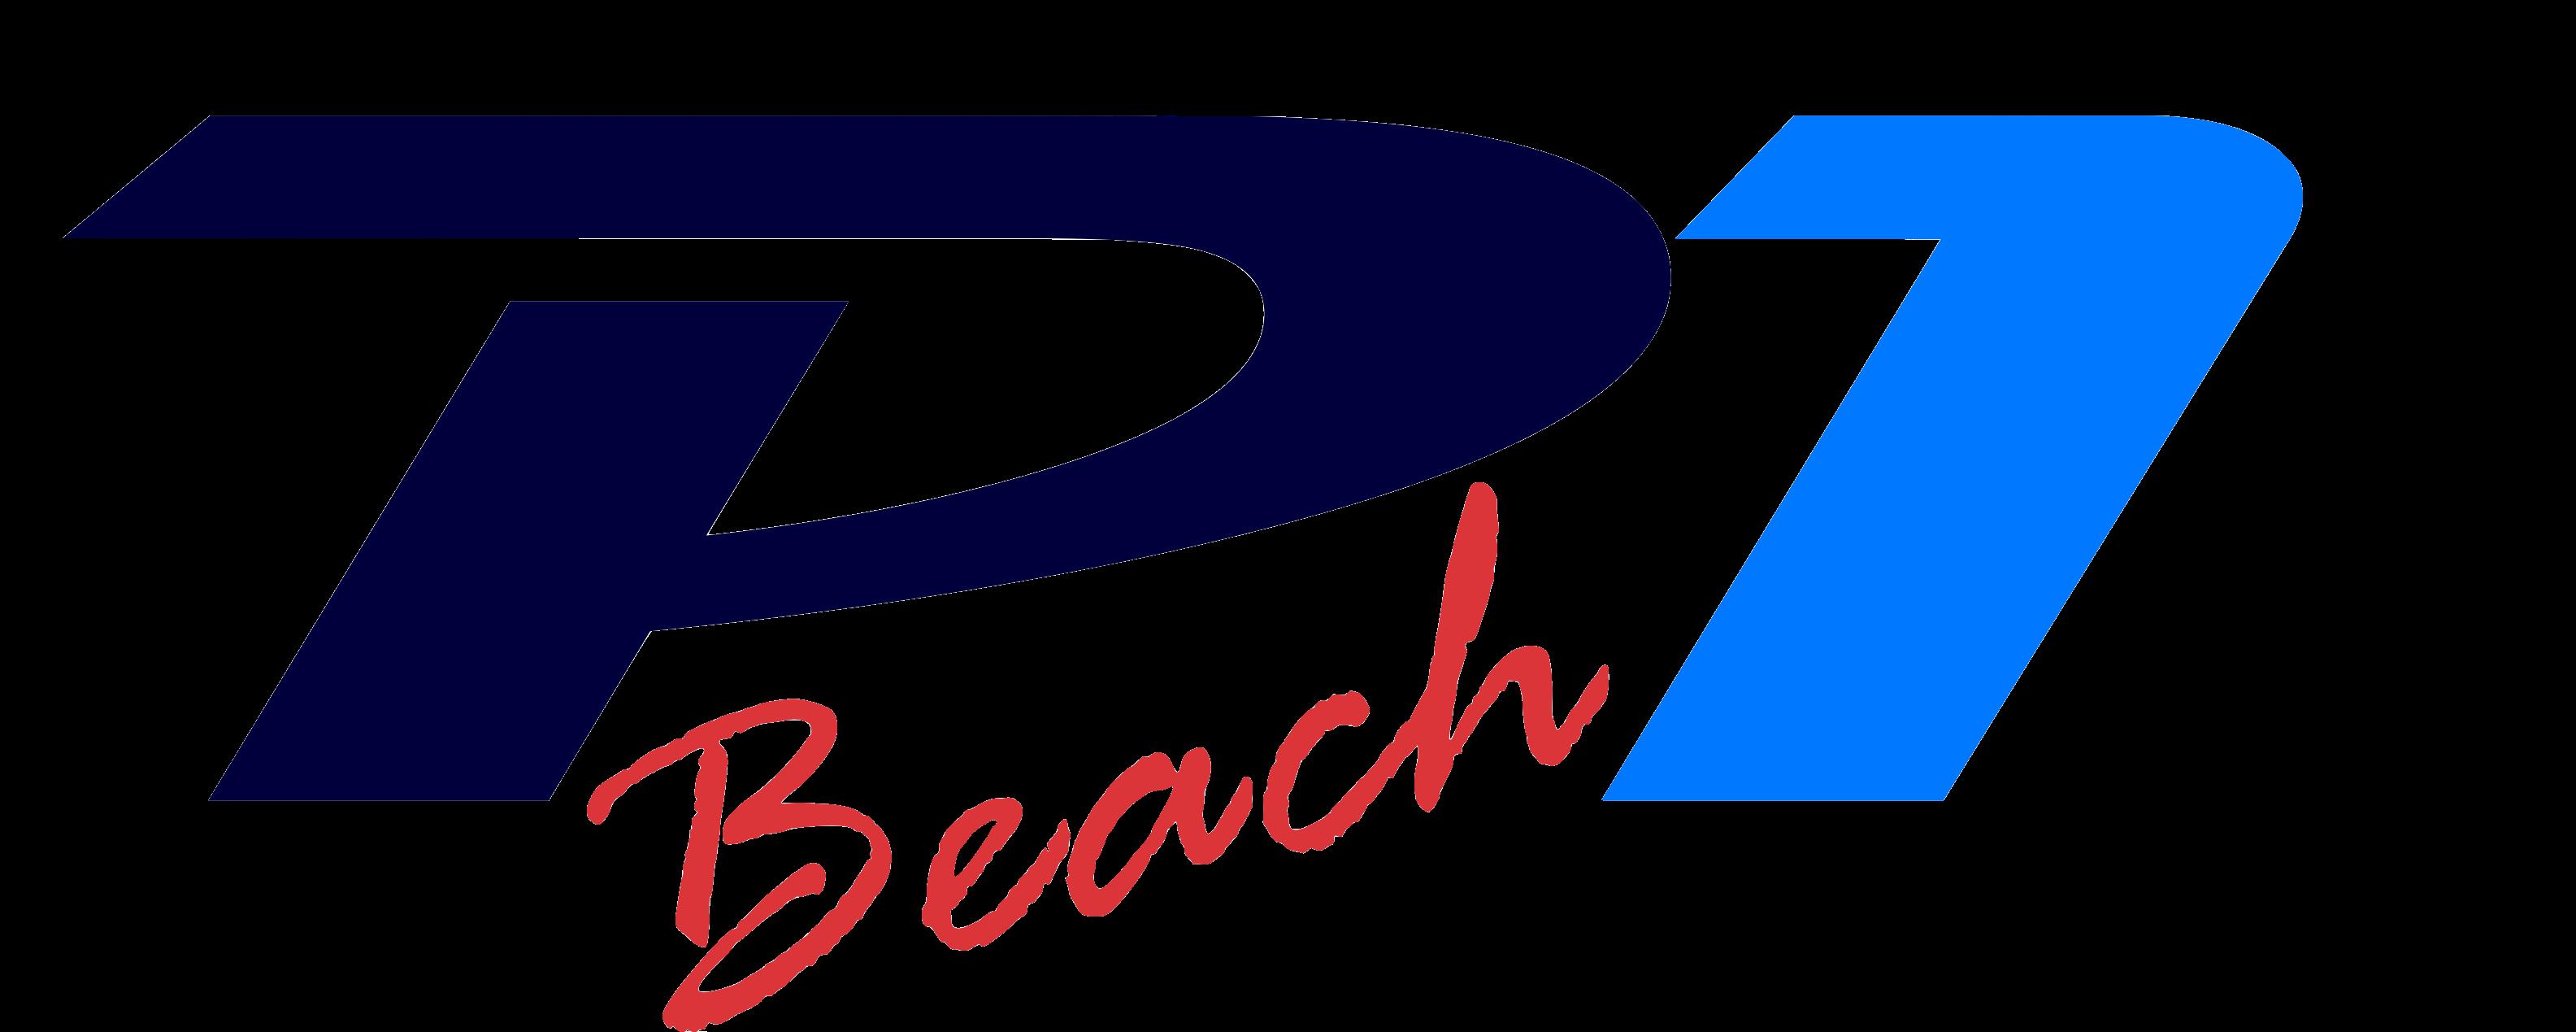 P1 Beach